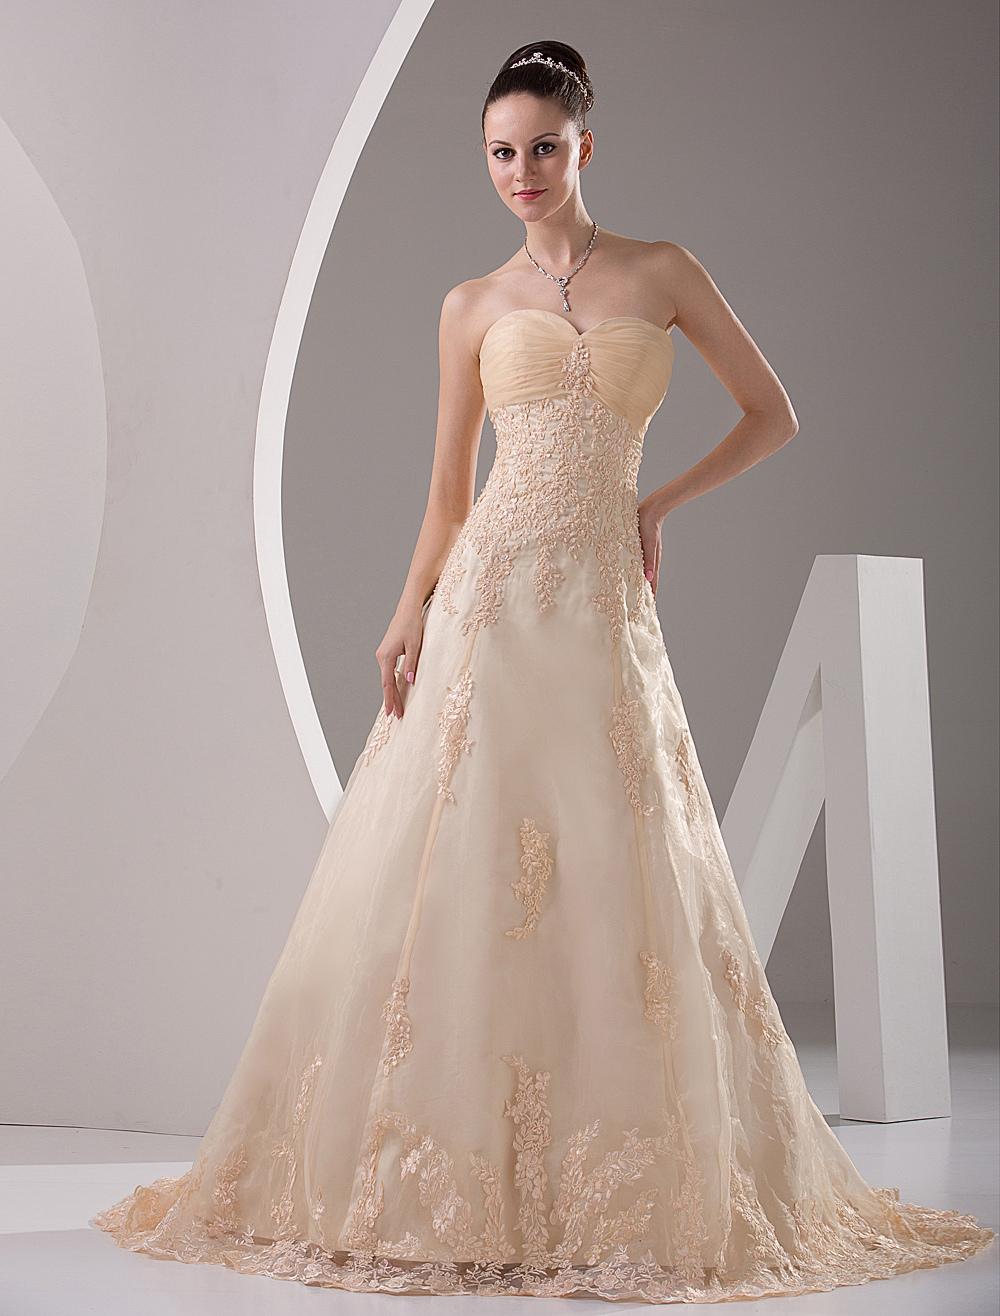 dd453056a573 Vestito da sposa champagne satin collo a cuore a-linea strascico ...